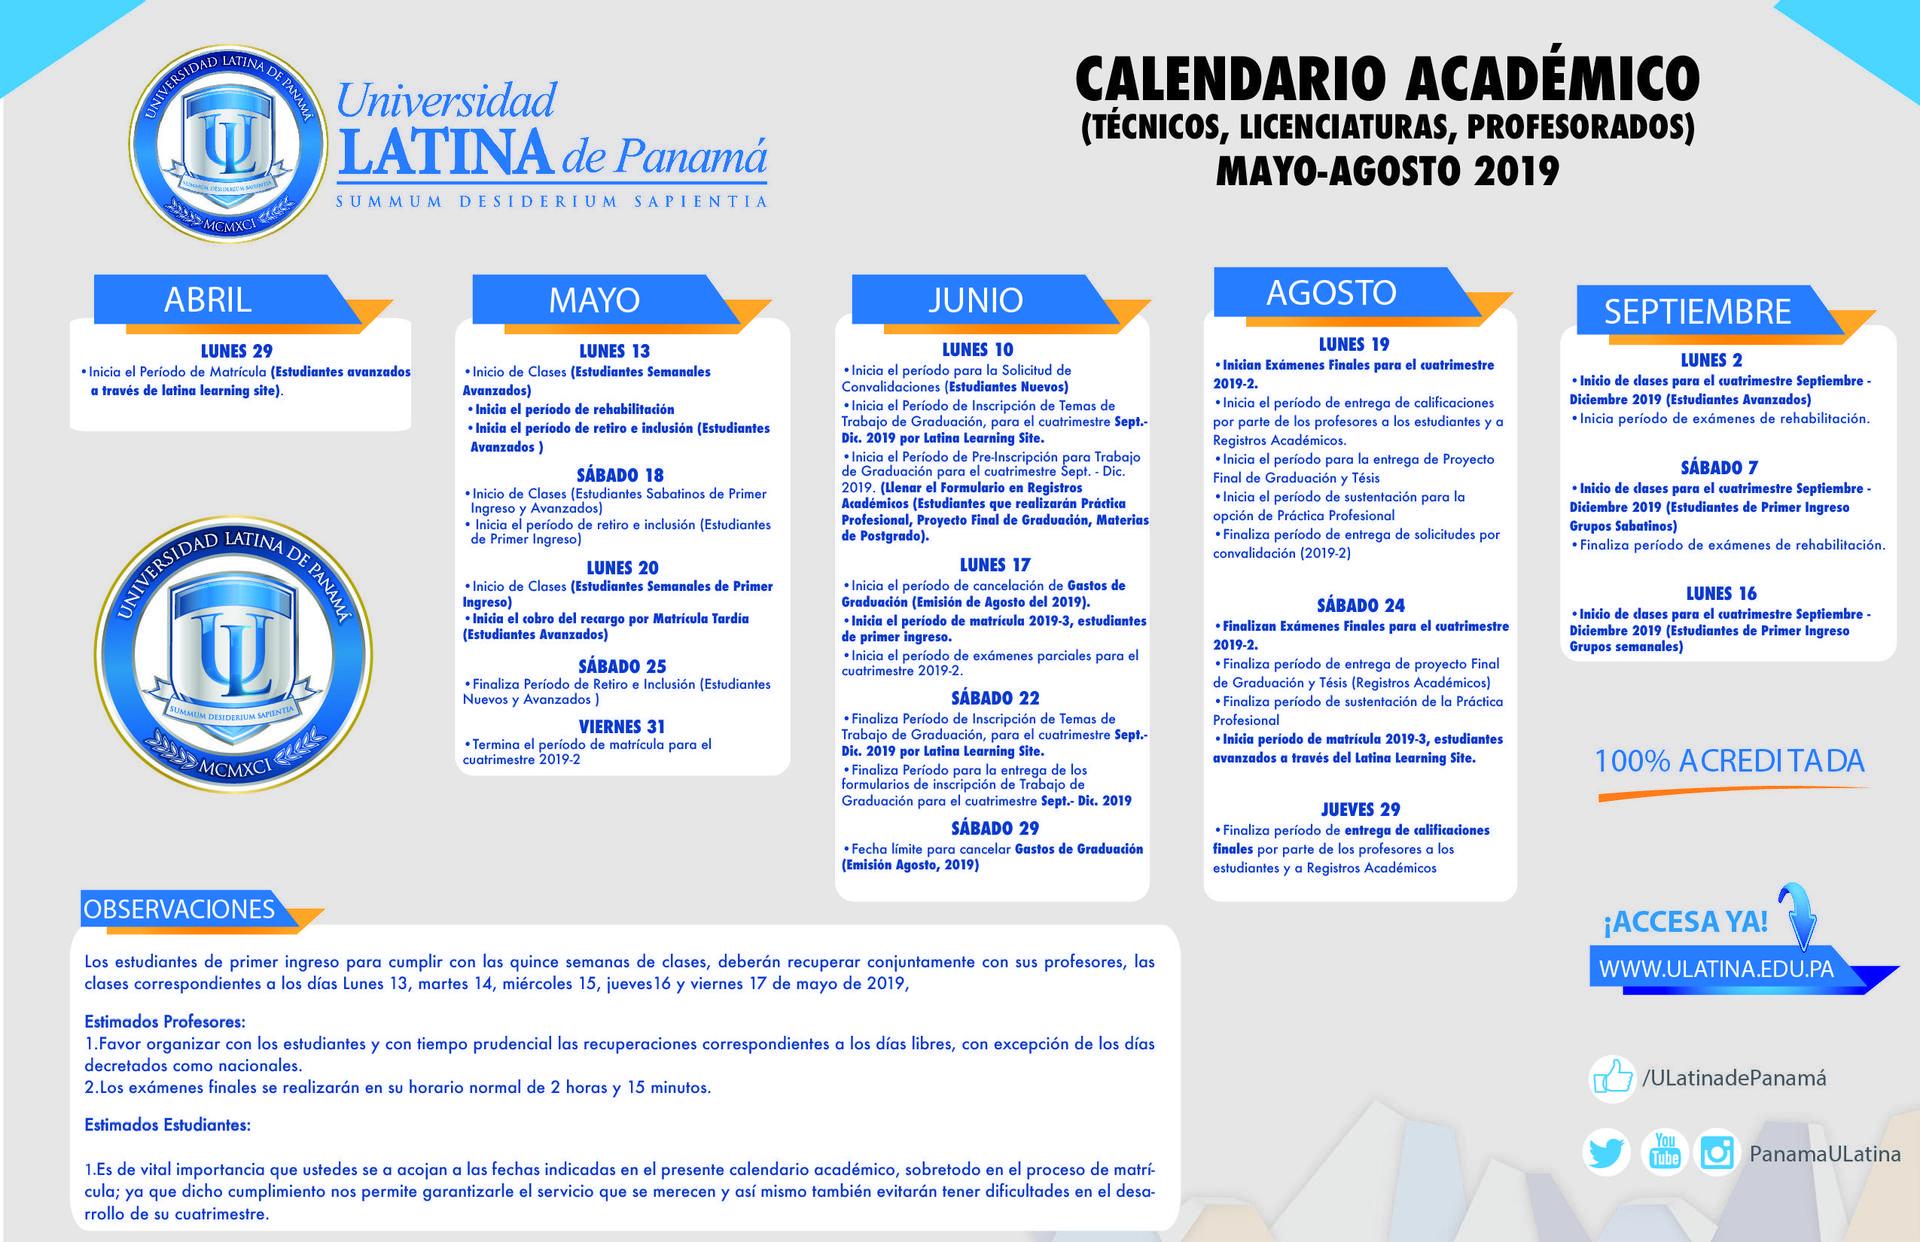 Calendario Universitario.Calendarios Academicos Vida De Campus Universidad Latina